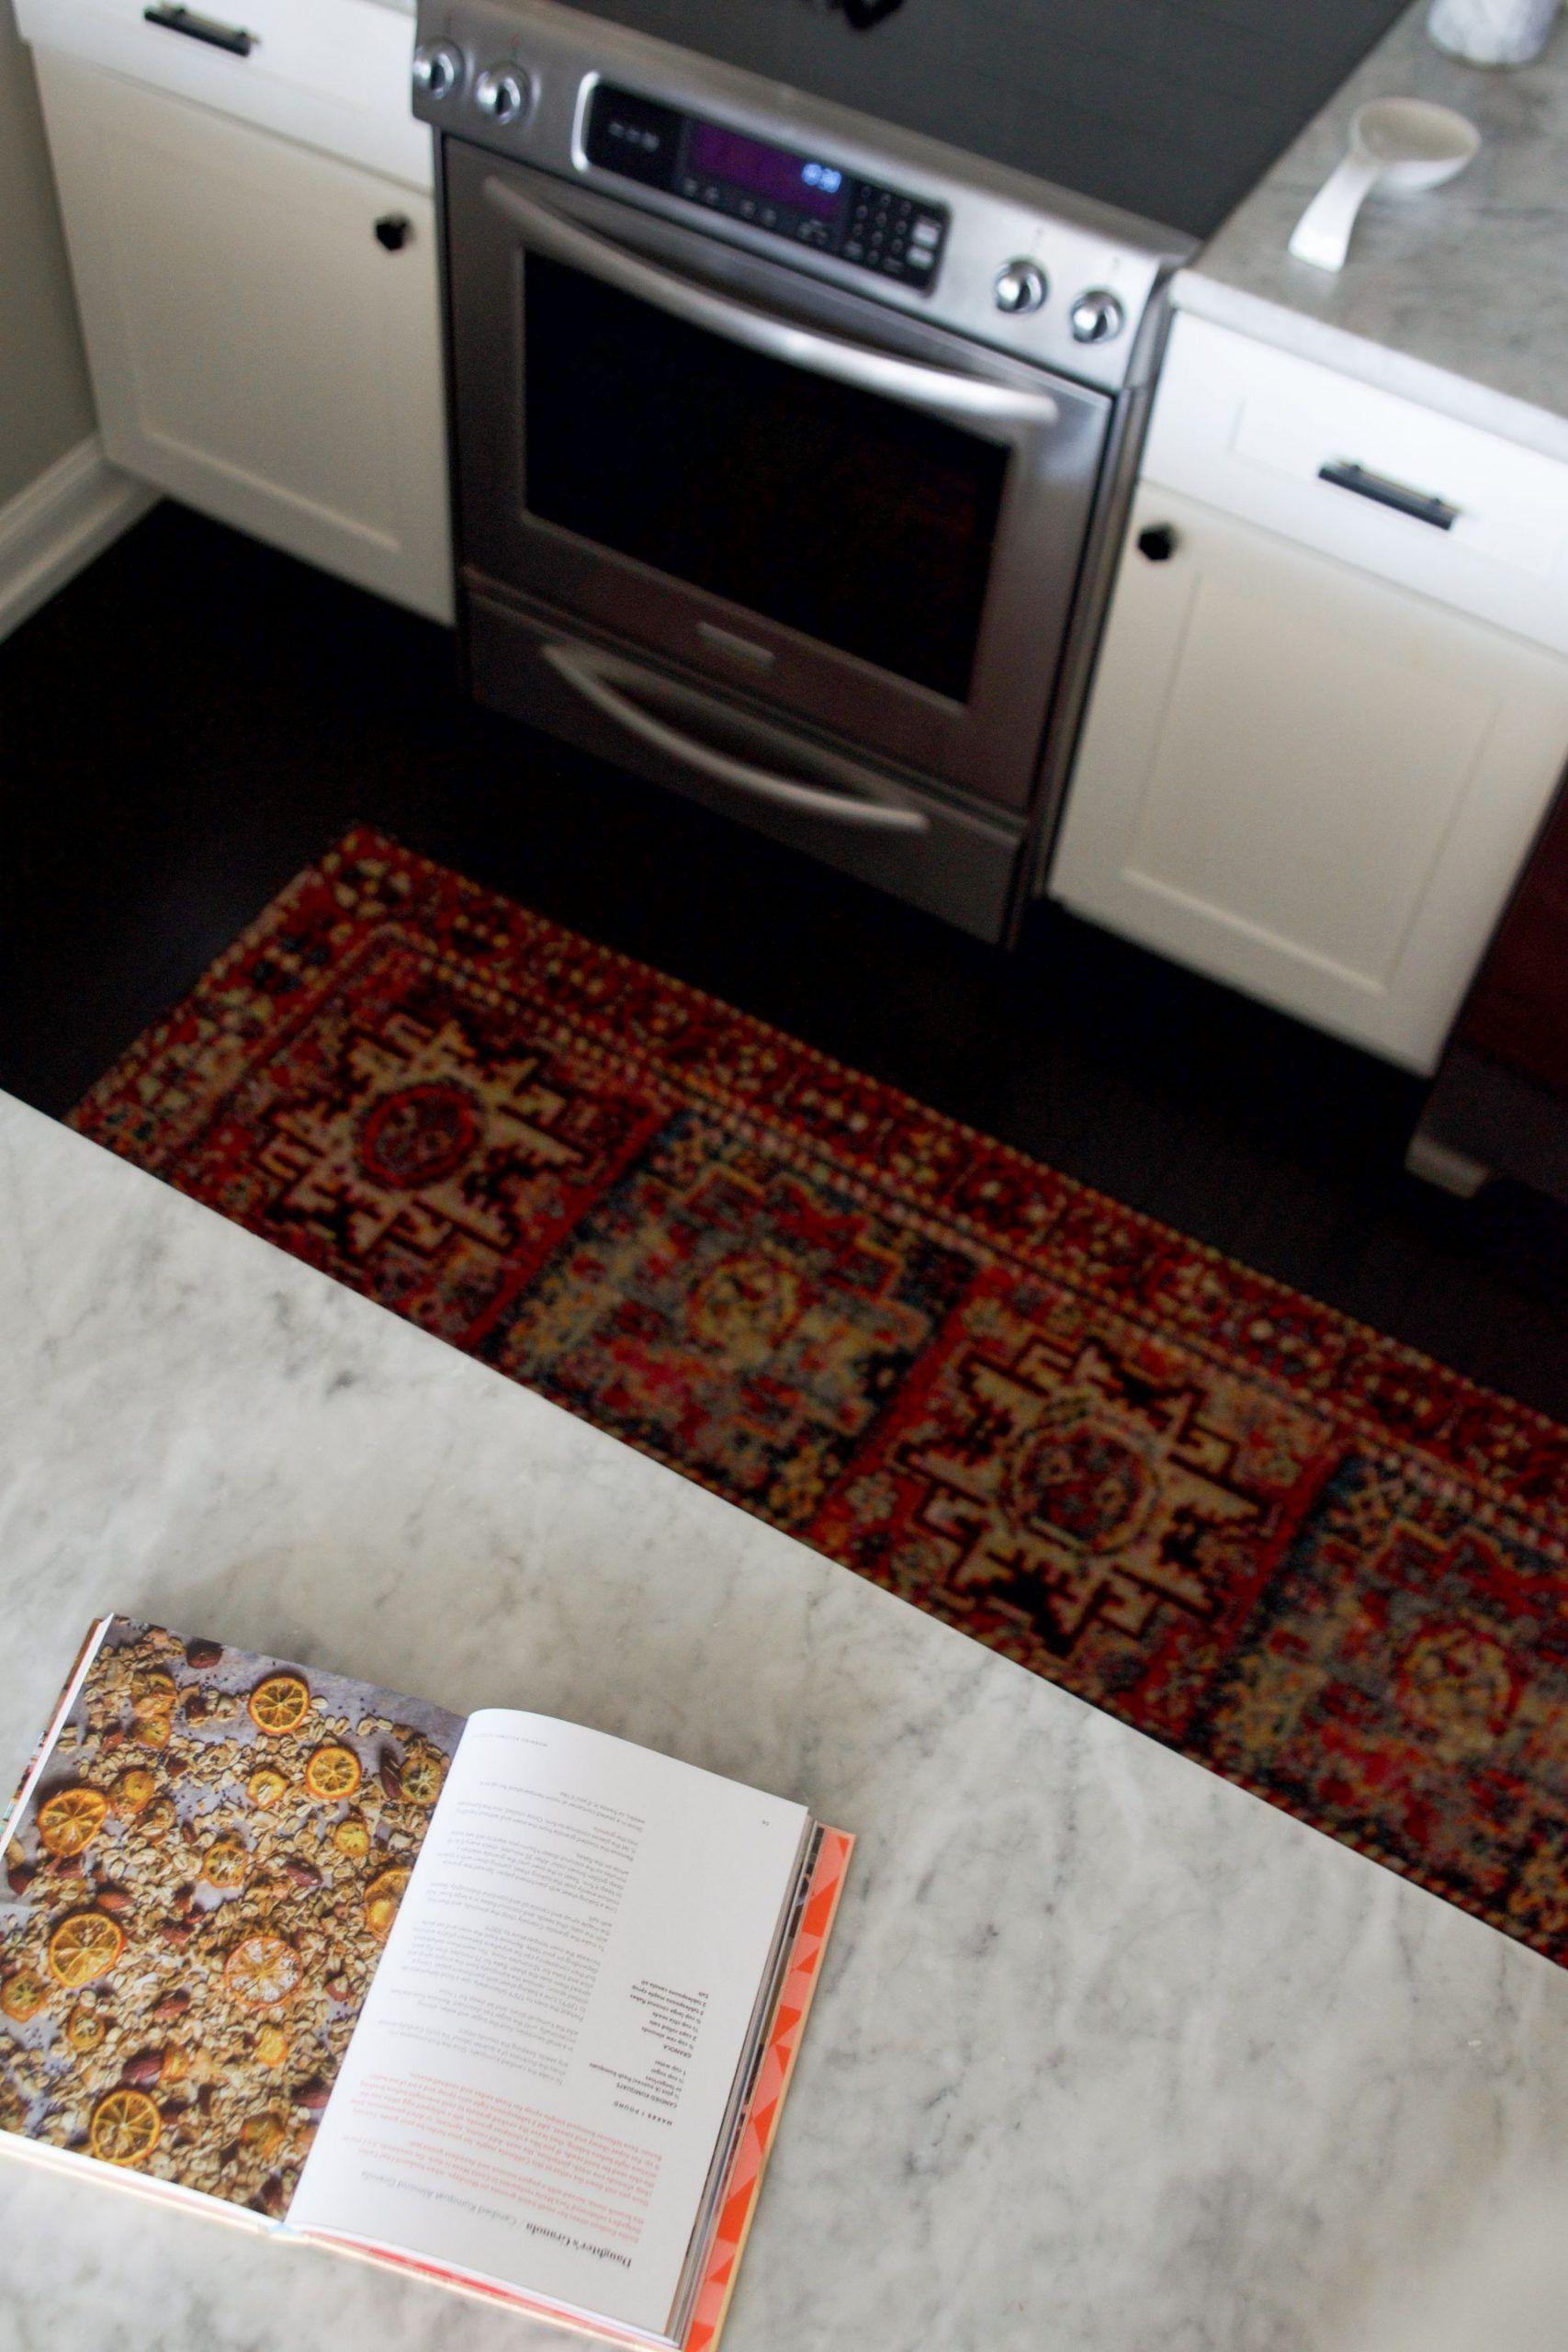 Sollte Ich Marmor Kuchenarbeitsplatten Installieren Was Sie Vorher Wissen Sollten Heather Kitchen Marble Marble Countertops Kitchen Kitchen Countertops